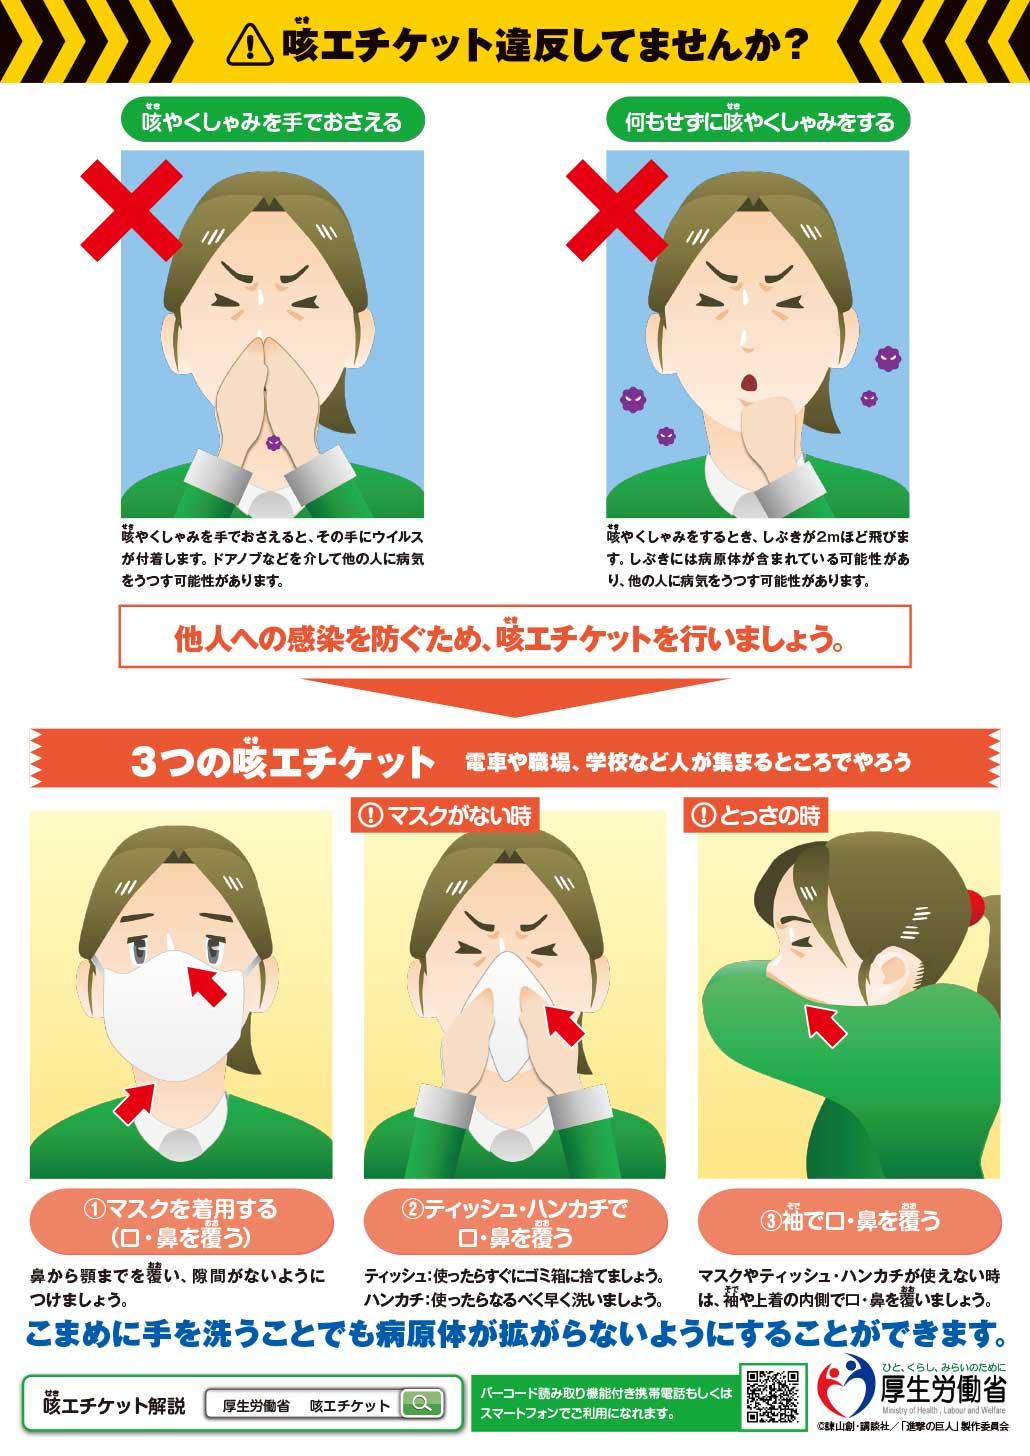 咳エチケット画像2